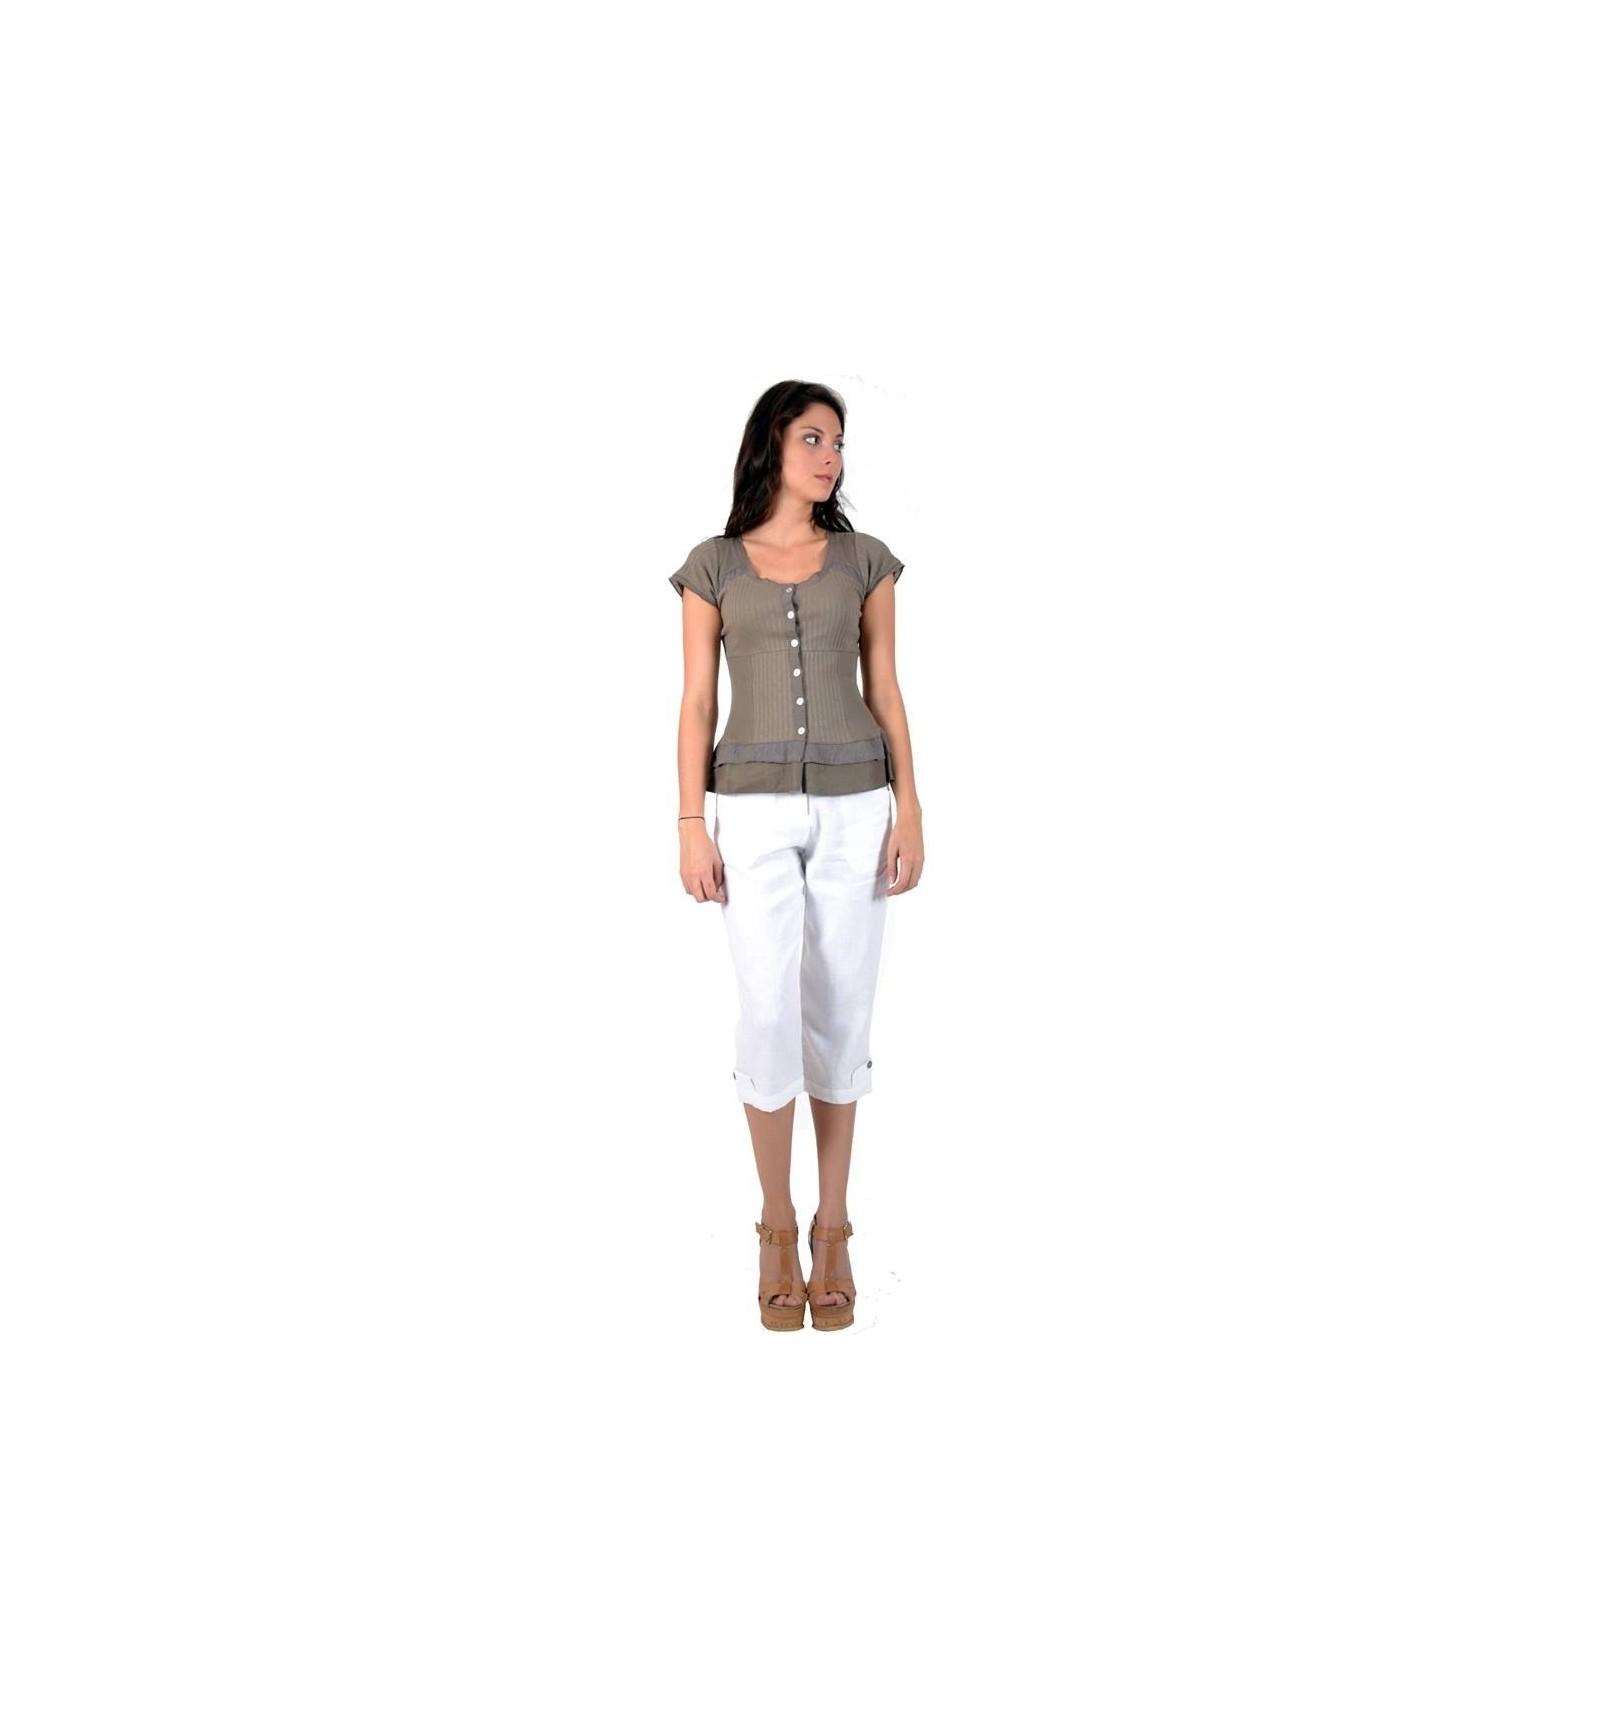 pantalon femme en lin coupe droite mode. Black Bedroom Furniture Sets. Home Design Ideas